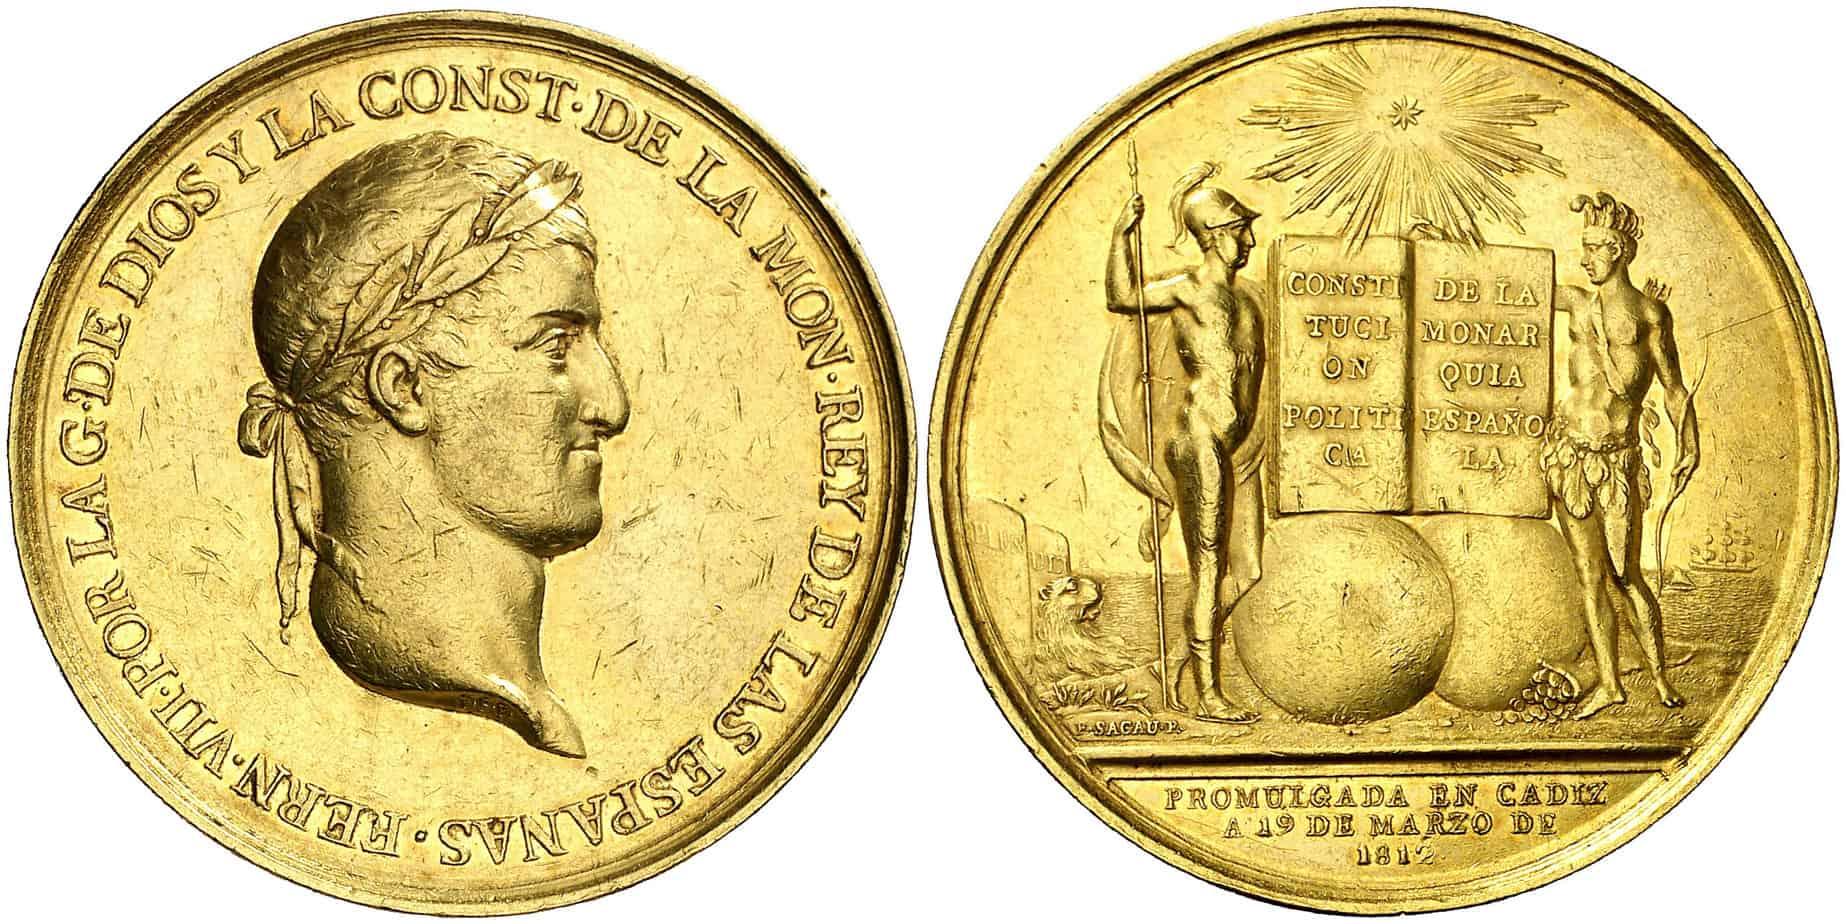 medalla Constitución de Cádiz oro